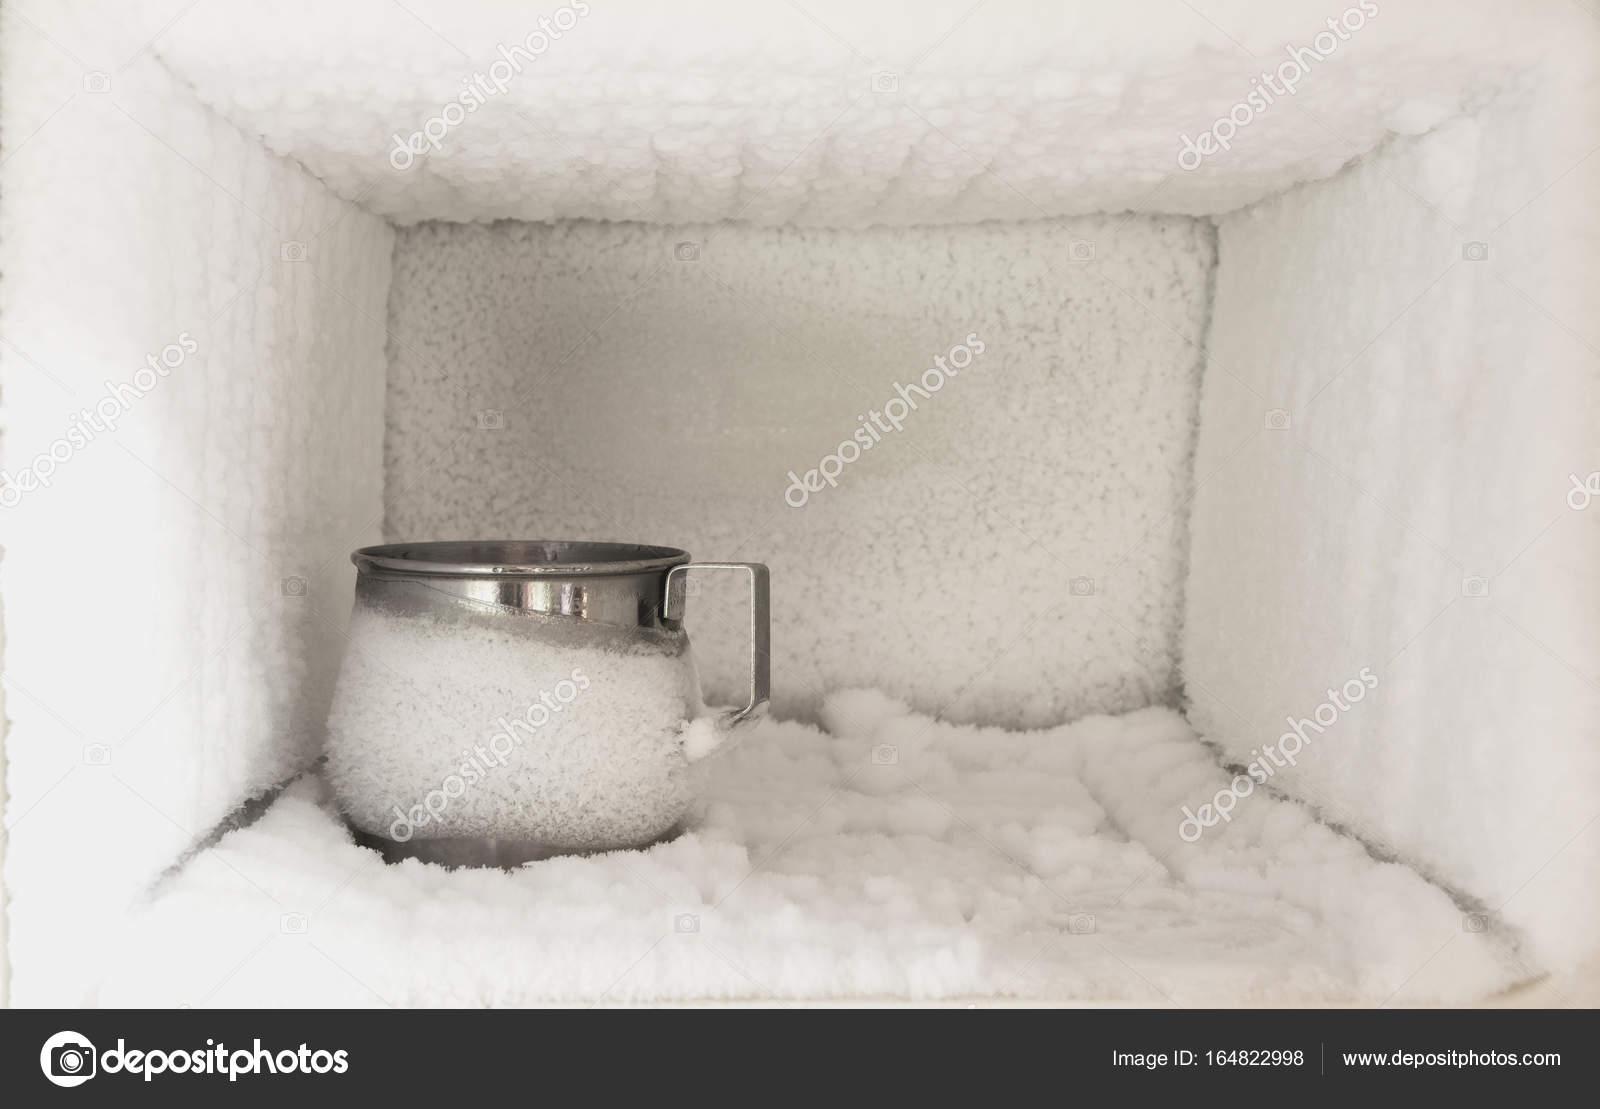 Aufbau Eines Kühlschrank : Edelstahl trinkwasser glas im gefrierfach eines kühlschranks eis